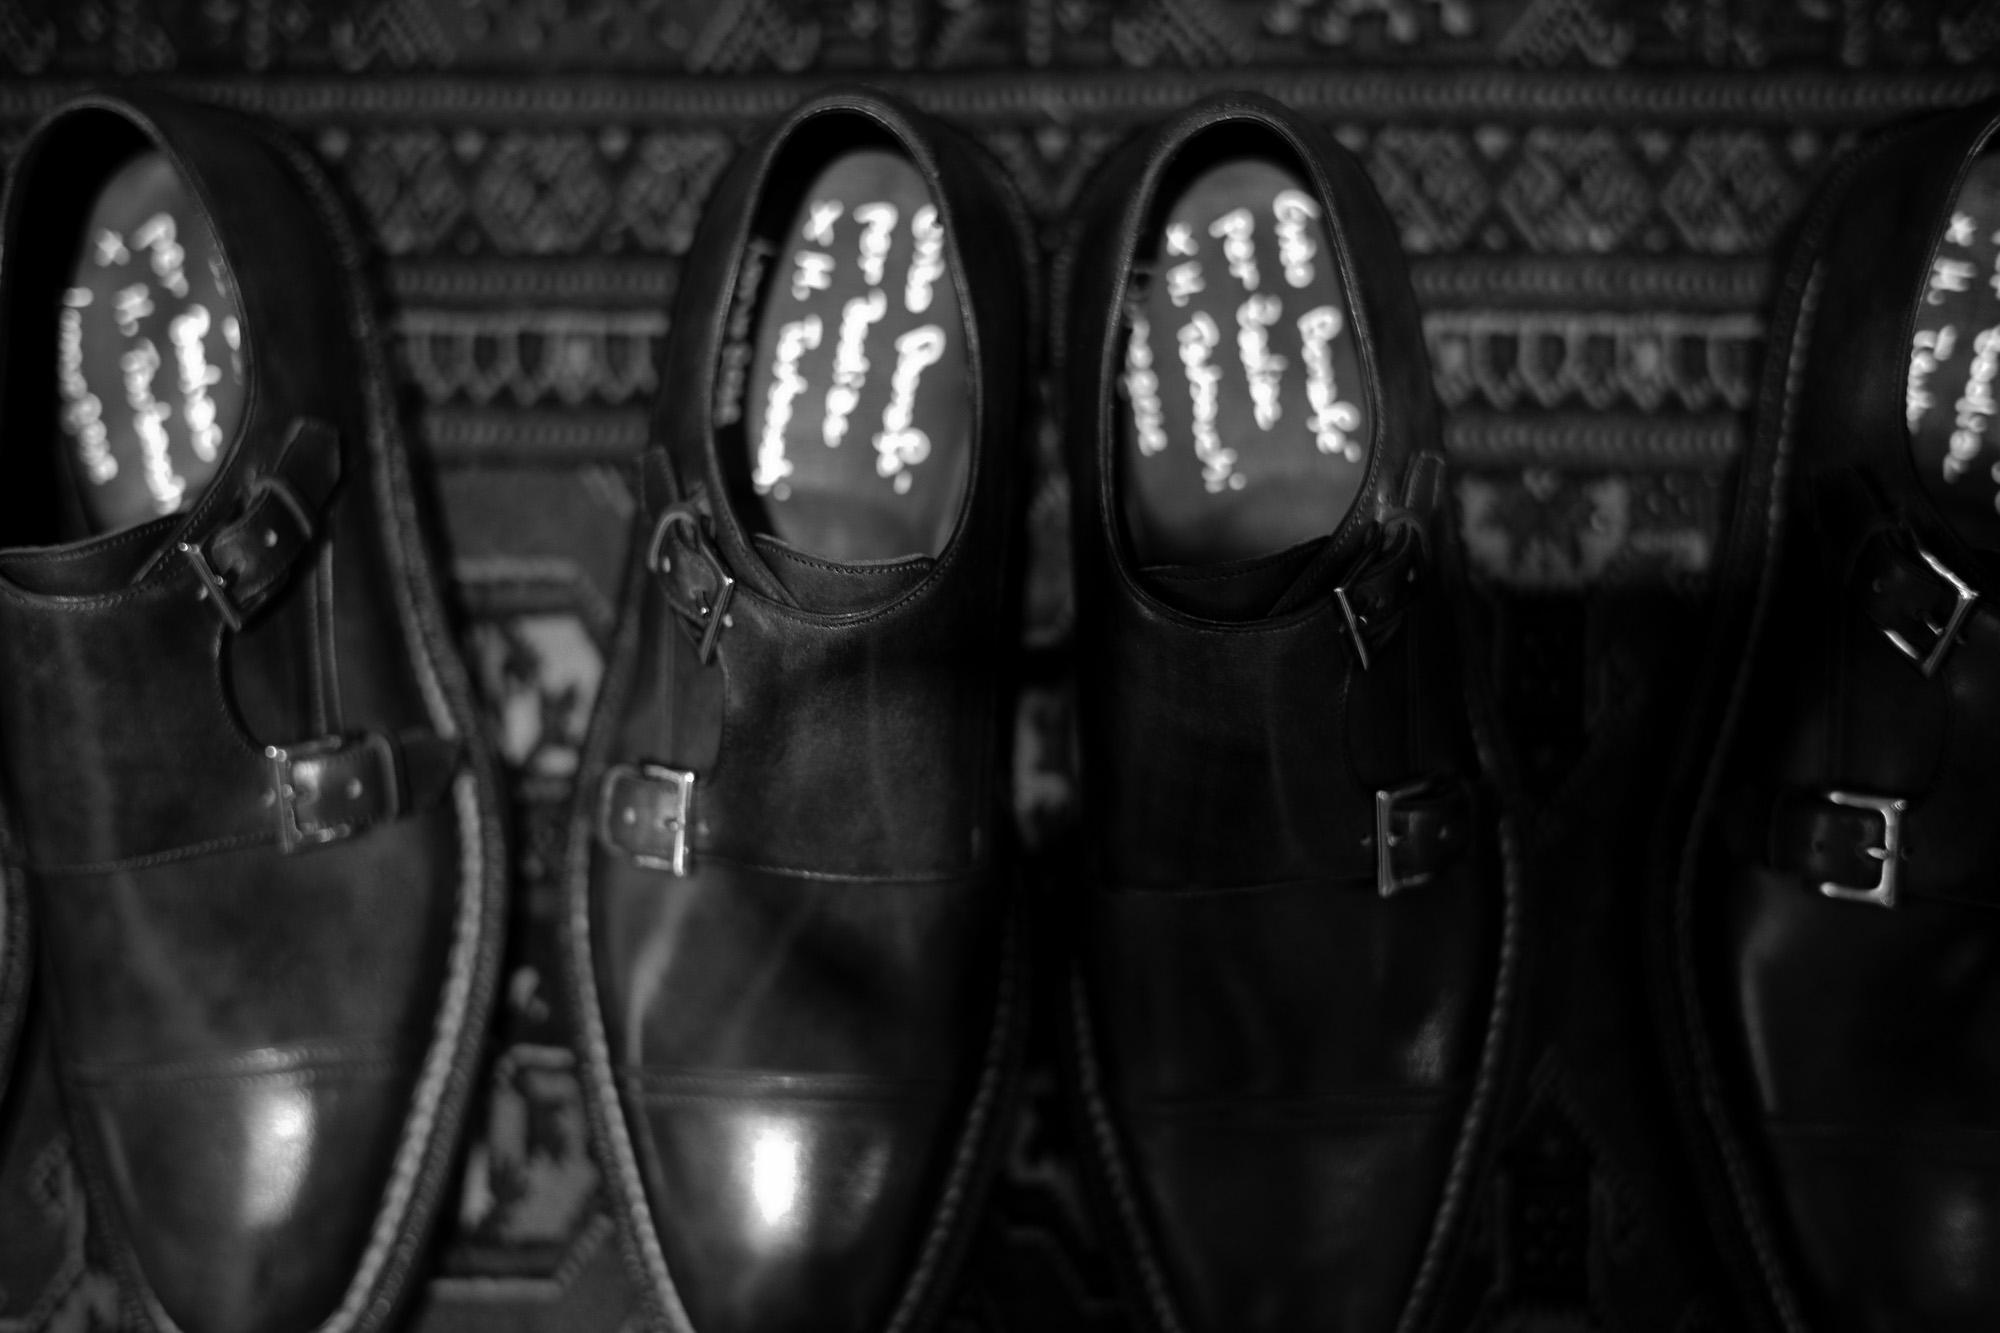 【ENZO BONAFE × HIROSHI TSUBOUCHI × Alto e Diritto // エンツォボナフェ × ヒロシツボウチ × アルト エ デリット】 ART.EB-02 Double Monk Strap Shoes Bonaudo Museum Calf Leather ボナウド社 ミュージアムカーフ Norwegian Welted Process ノルベジェーゼ製法 ダブルモンクストラップシューズ PEWTER (ピューター) made in italy (イタリア製) 2017 秋冬新作 【Special Model】 enzobonafe hiroshitsubouchi エンツォボナフェ 愛知 名古屋 Alto e Diritto アルト エ デリット ダブルモンク